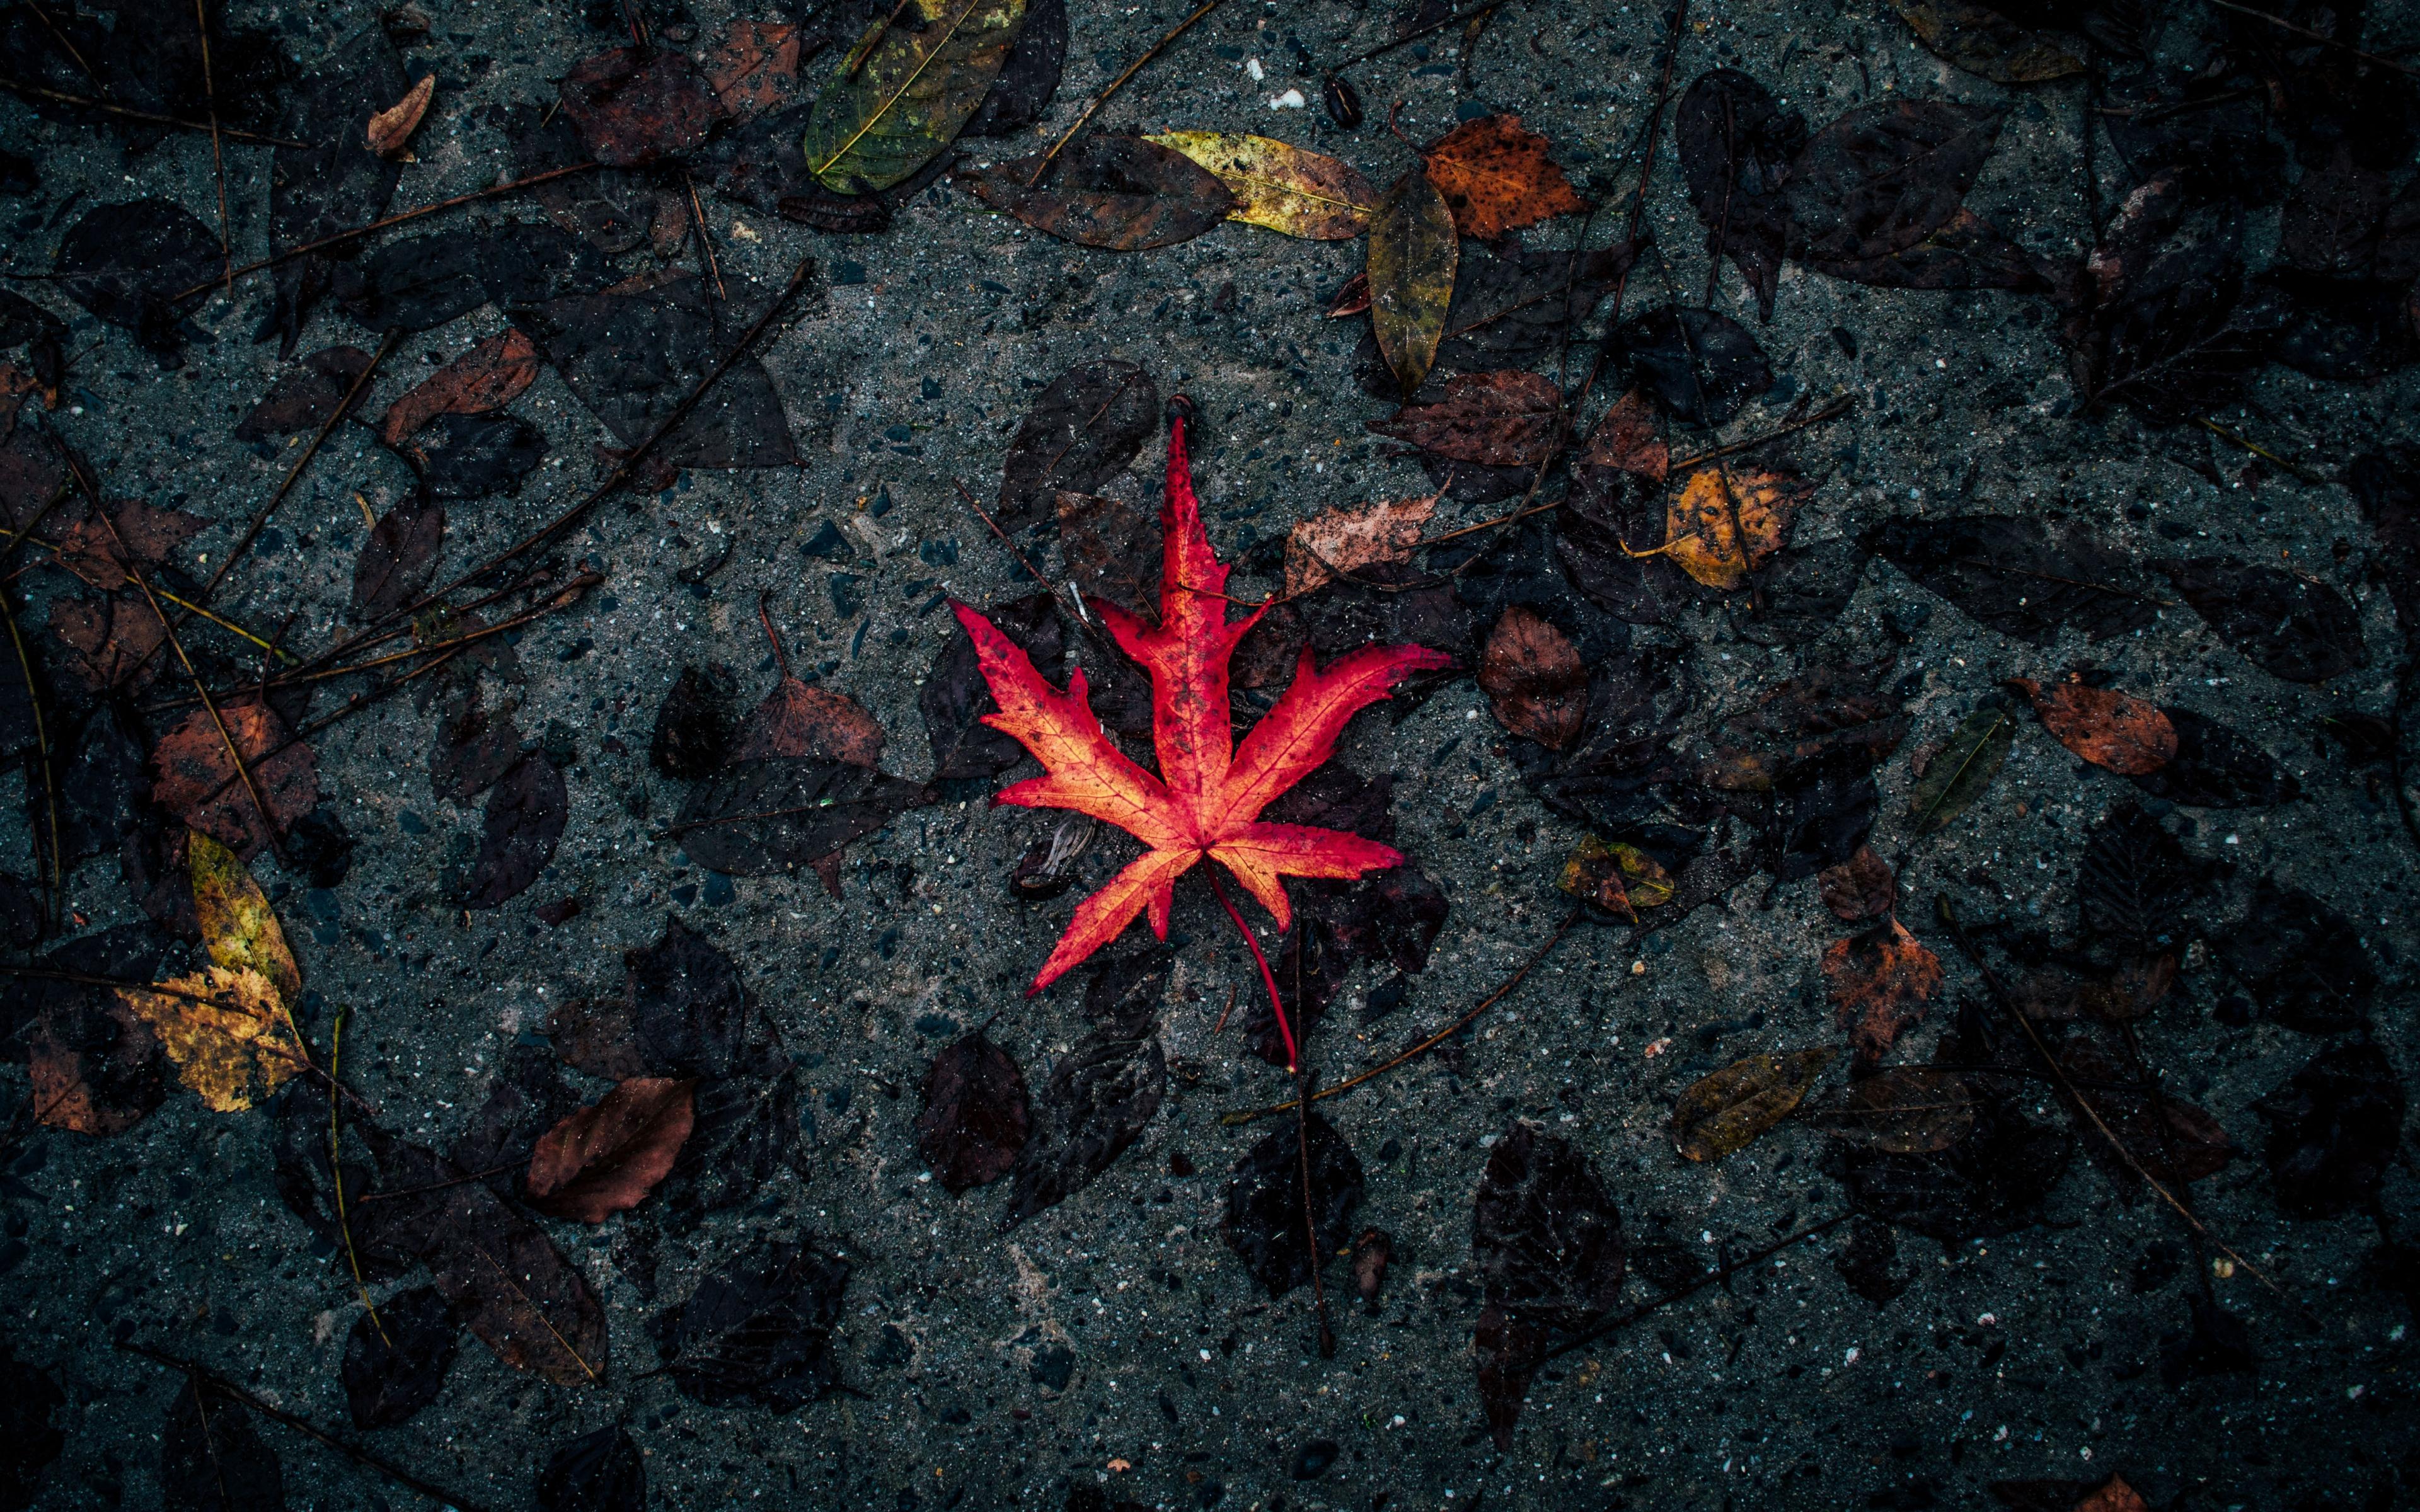 Download 3840x2400 Wallpaper Leaf Fall Autumn 4k Ultra